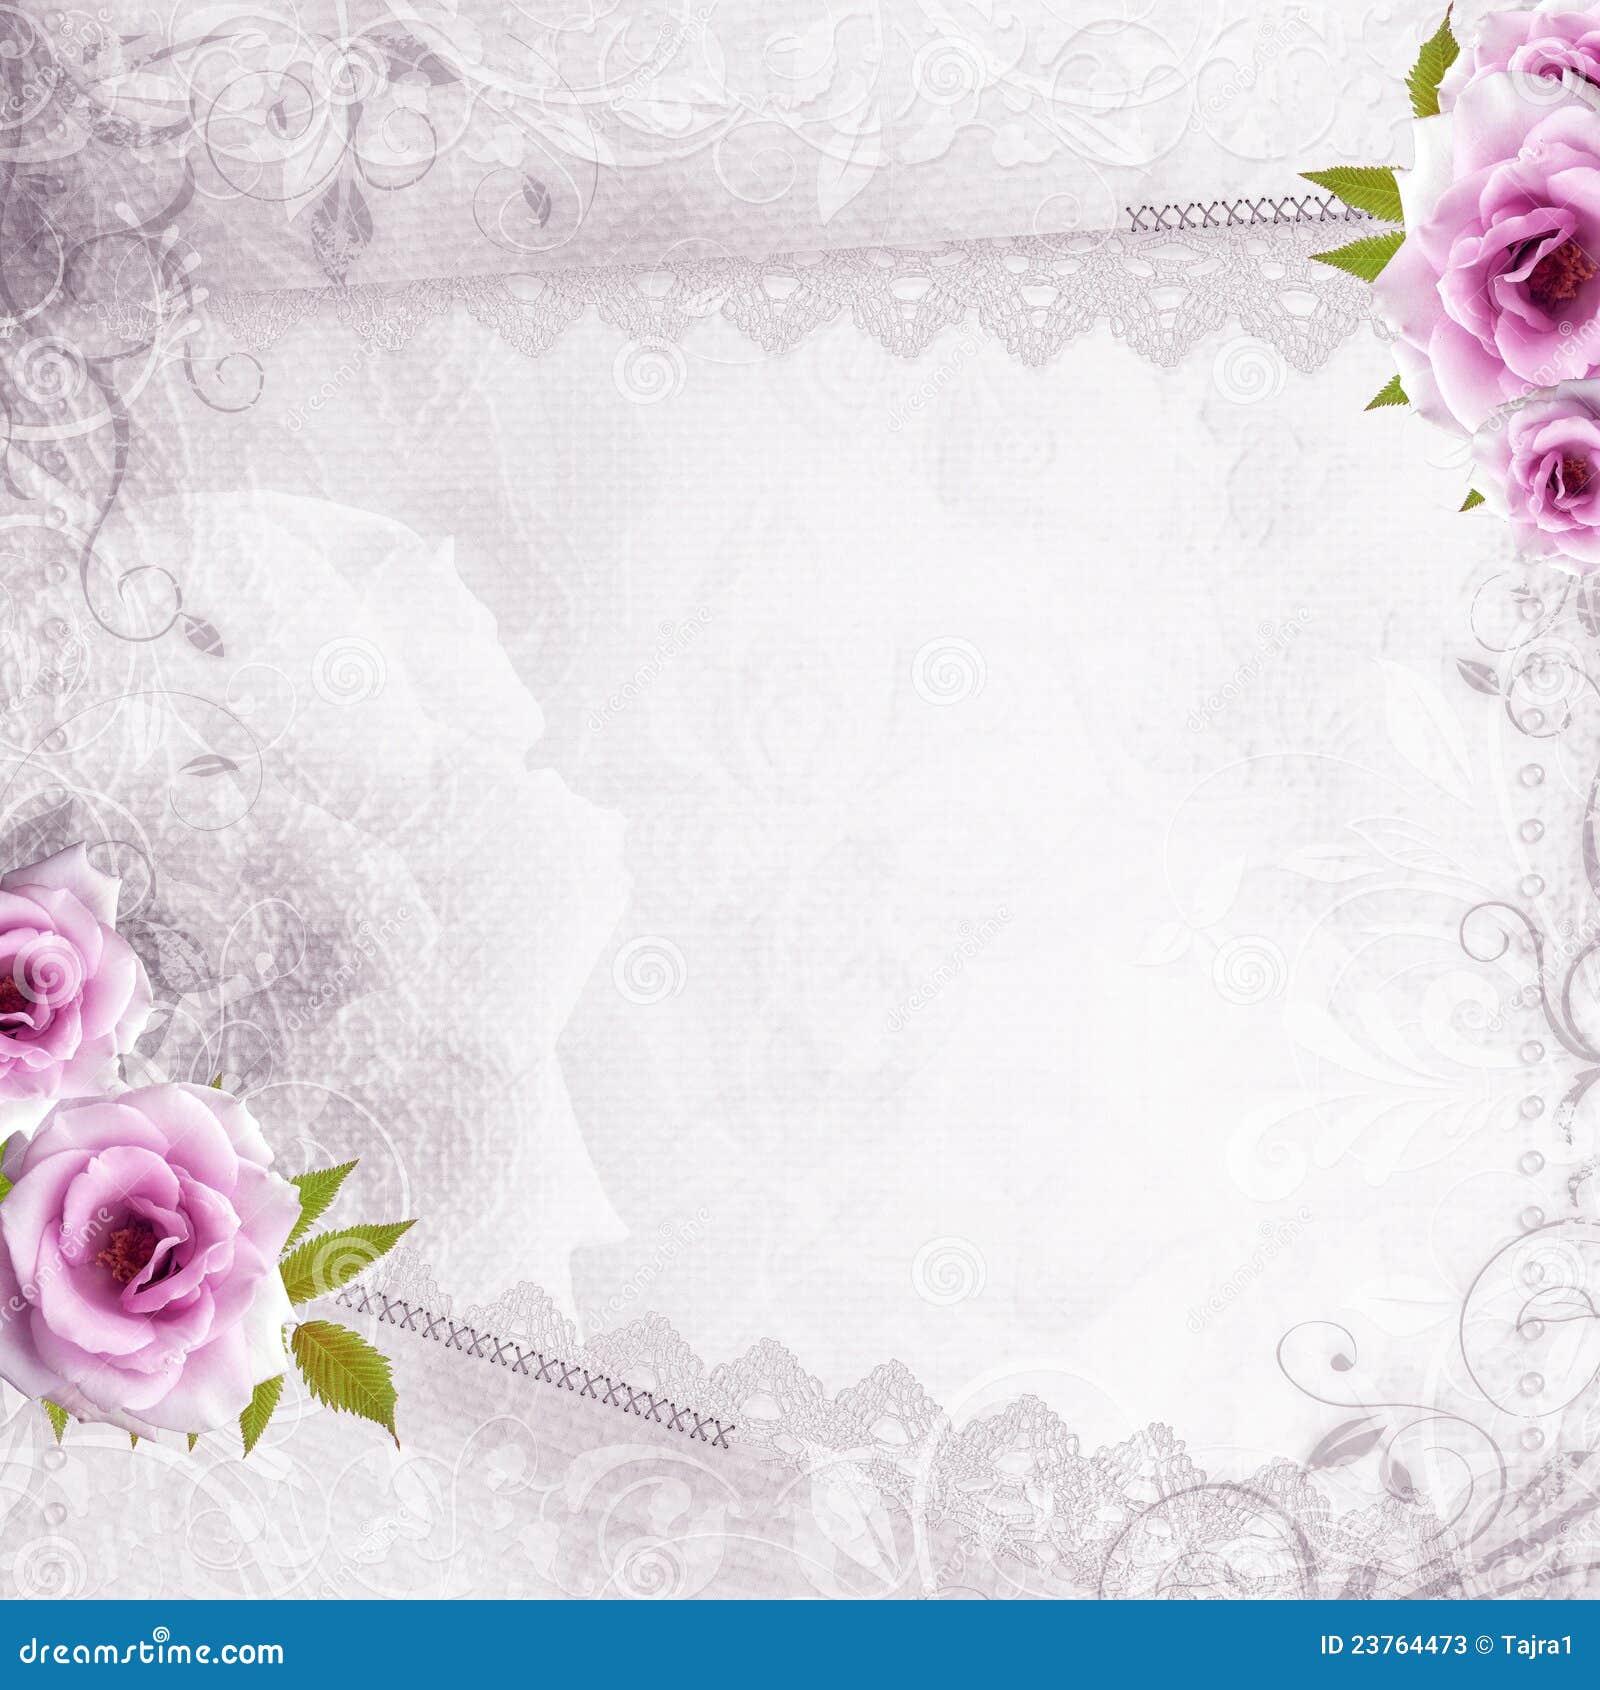 Wedding White Background: White Beautiful Wedding Background Stock Photos